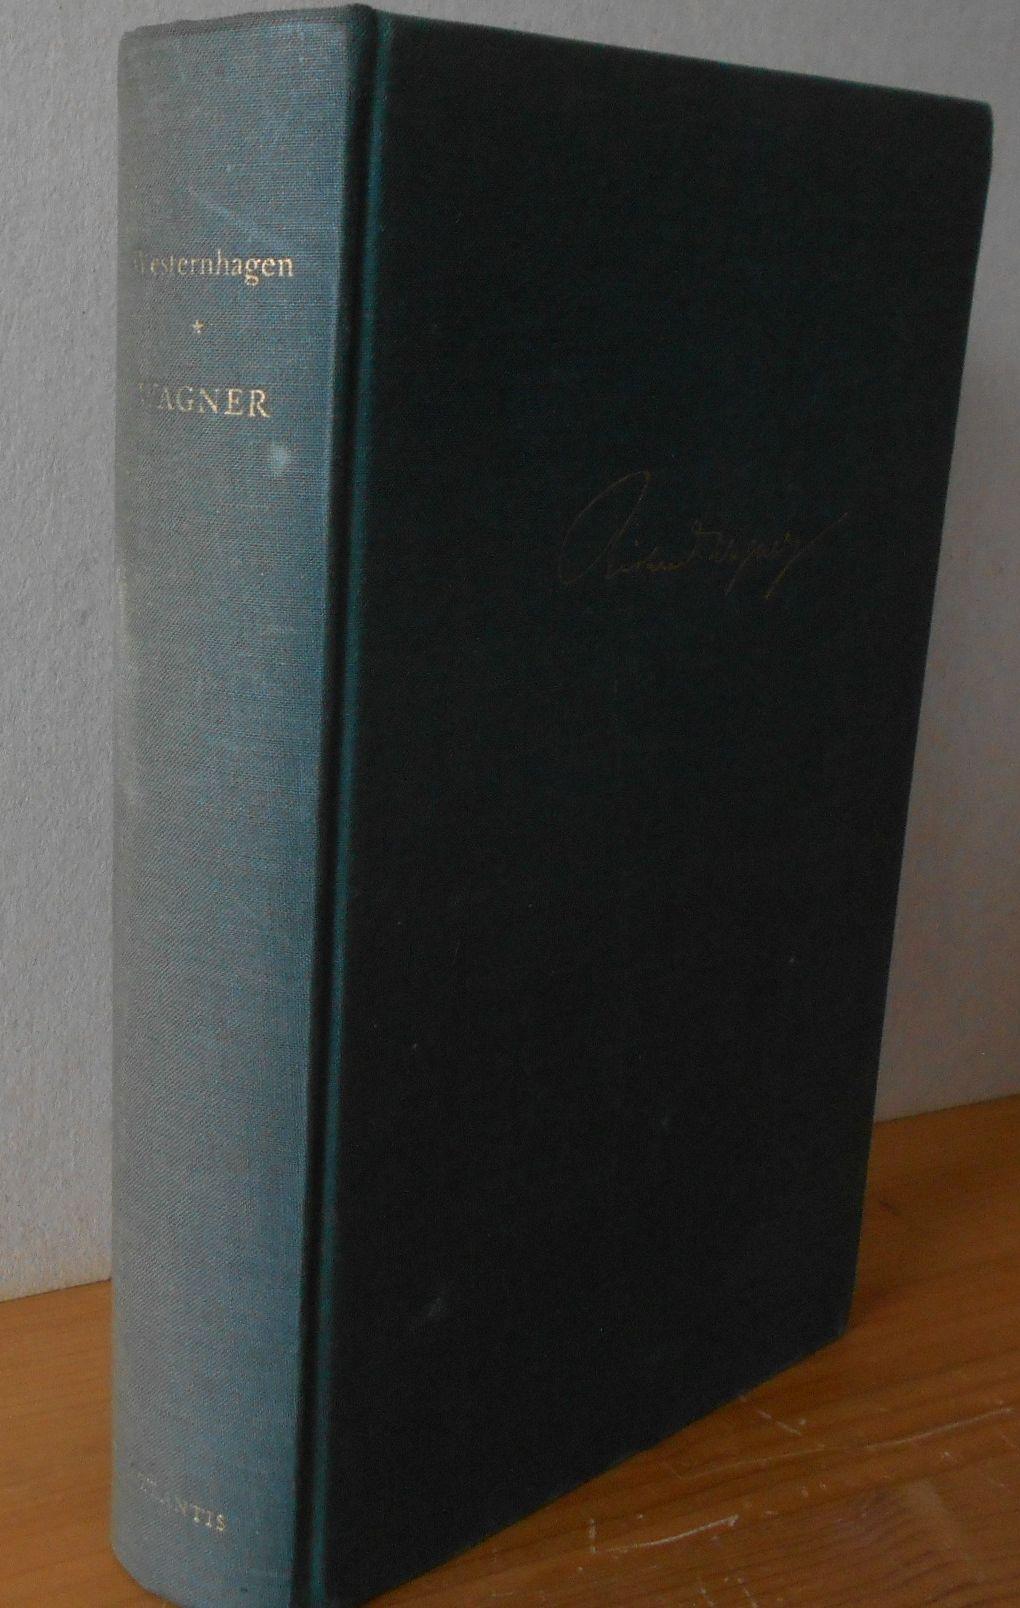 RICHARD WAGNER : Sein Werk, sein Wesen, seine Welt. Curt von Westernhagen 1.Aufl., EA